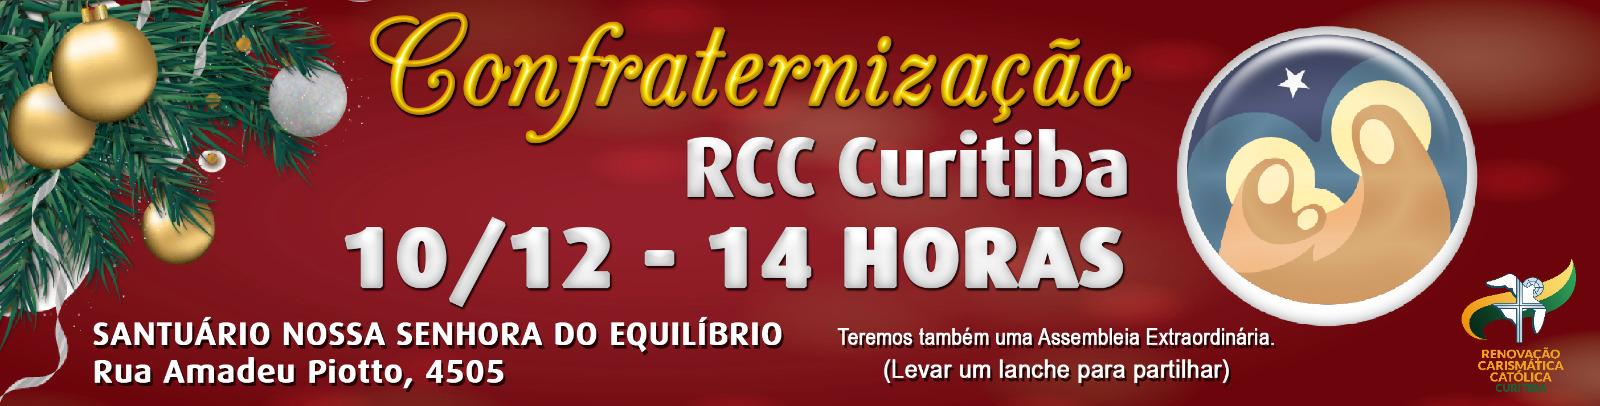 confraternizacao-rcccuritiba-2016